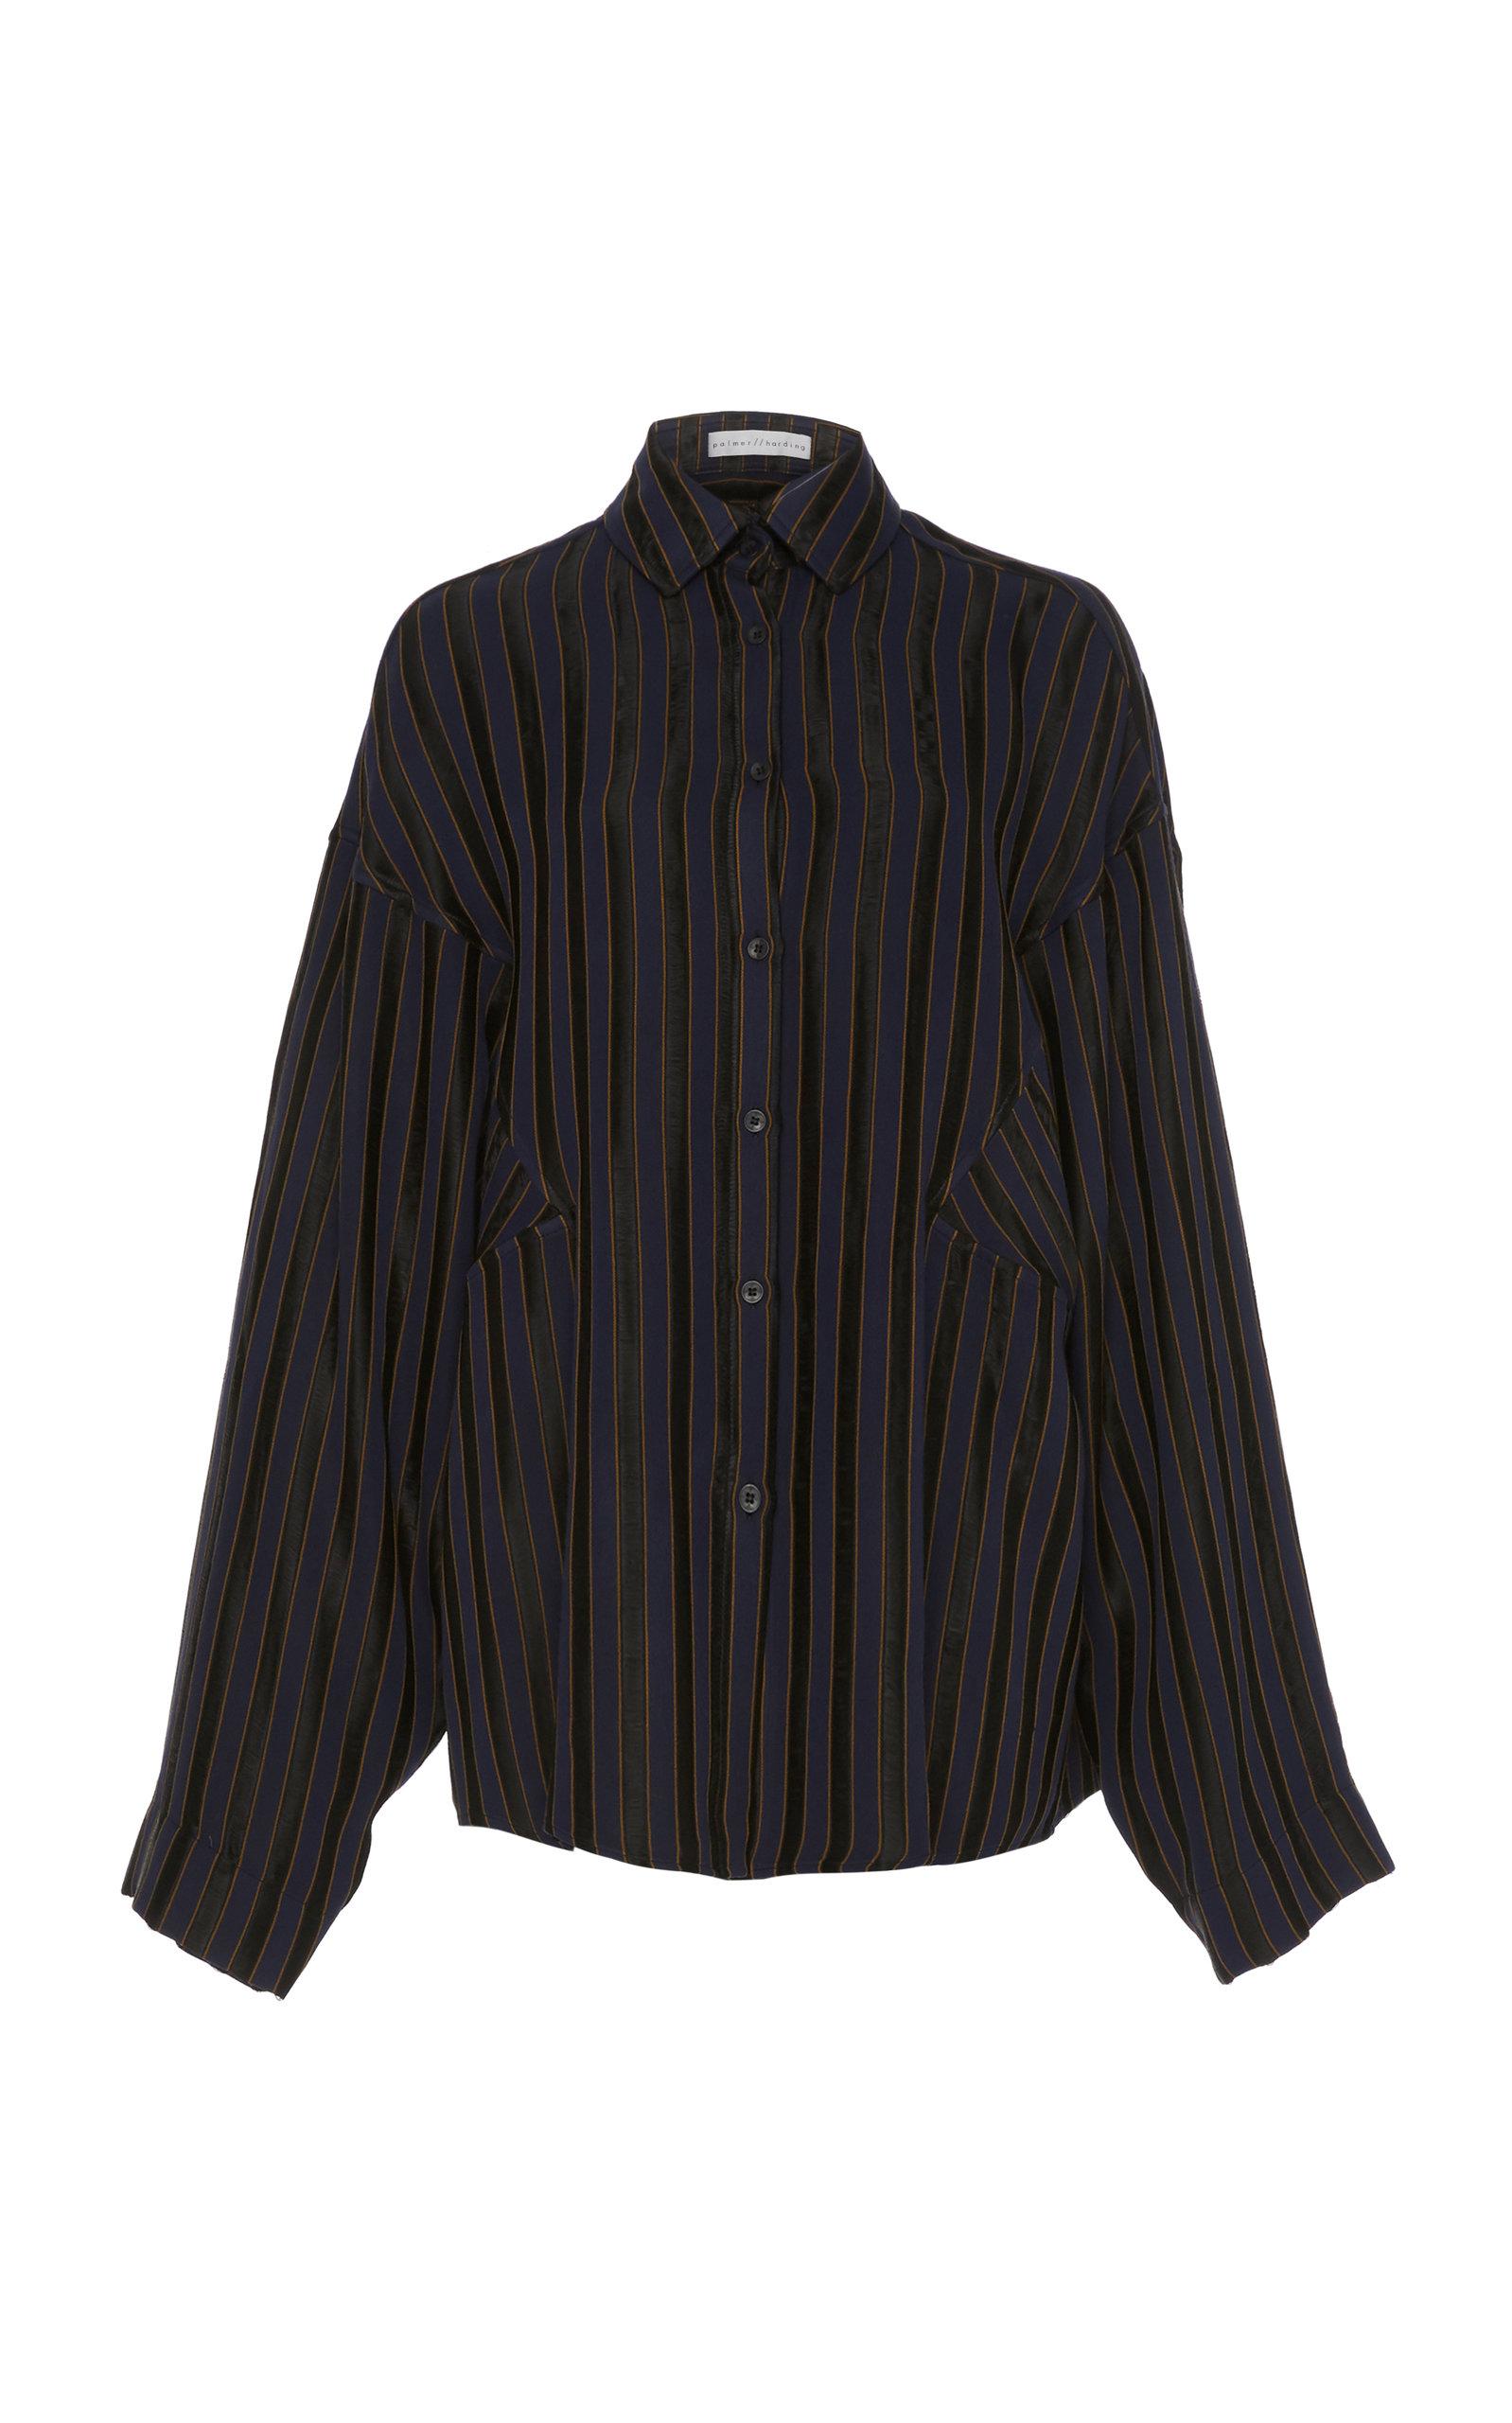 Palmer//Harding Parallel Shirt in Stripe